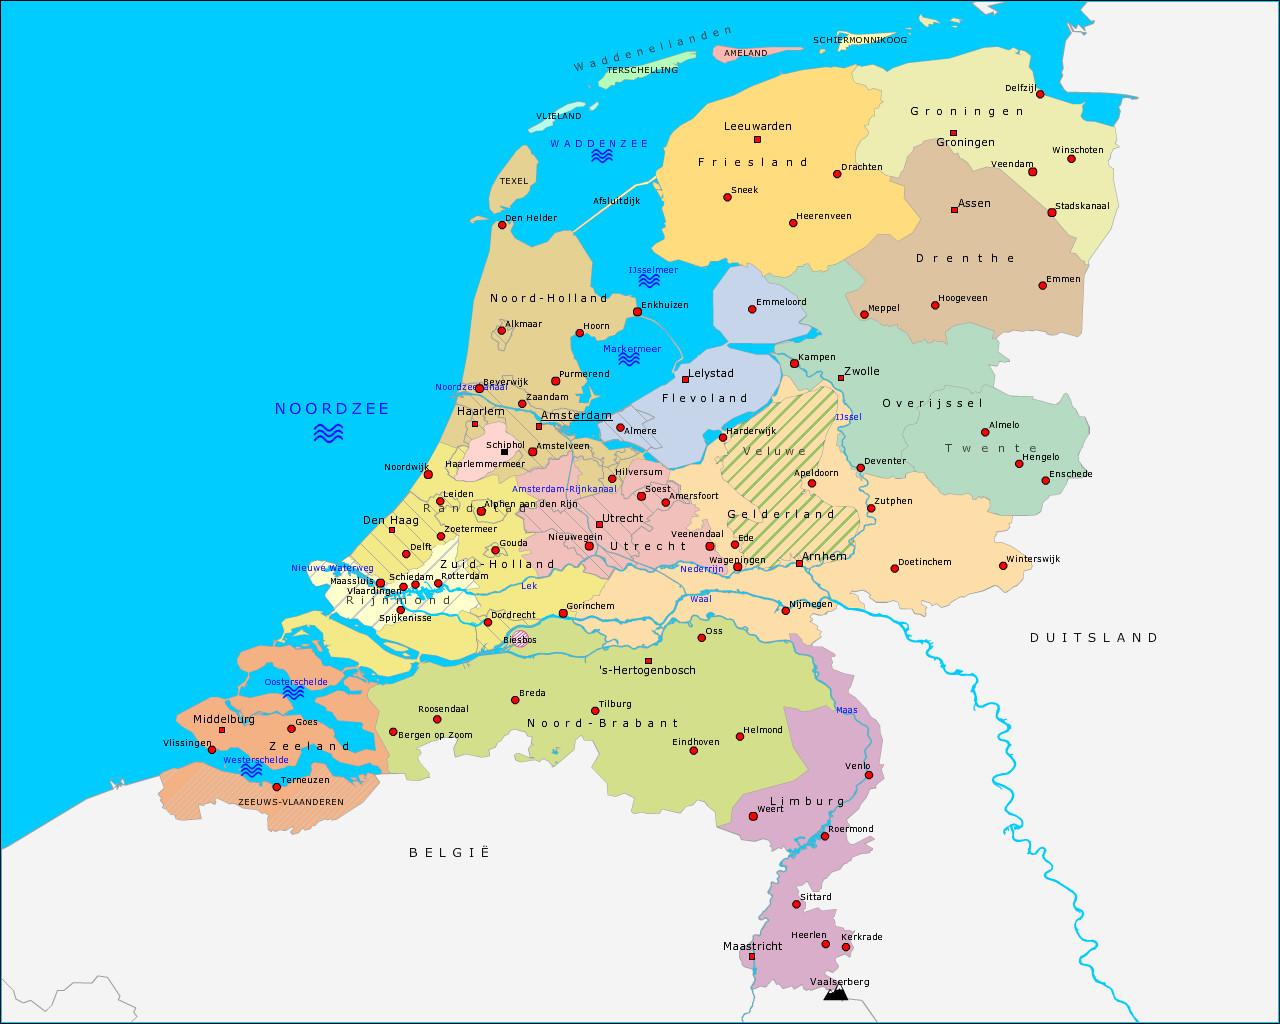 basiskaart-nederland